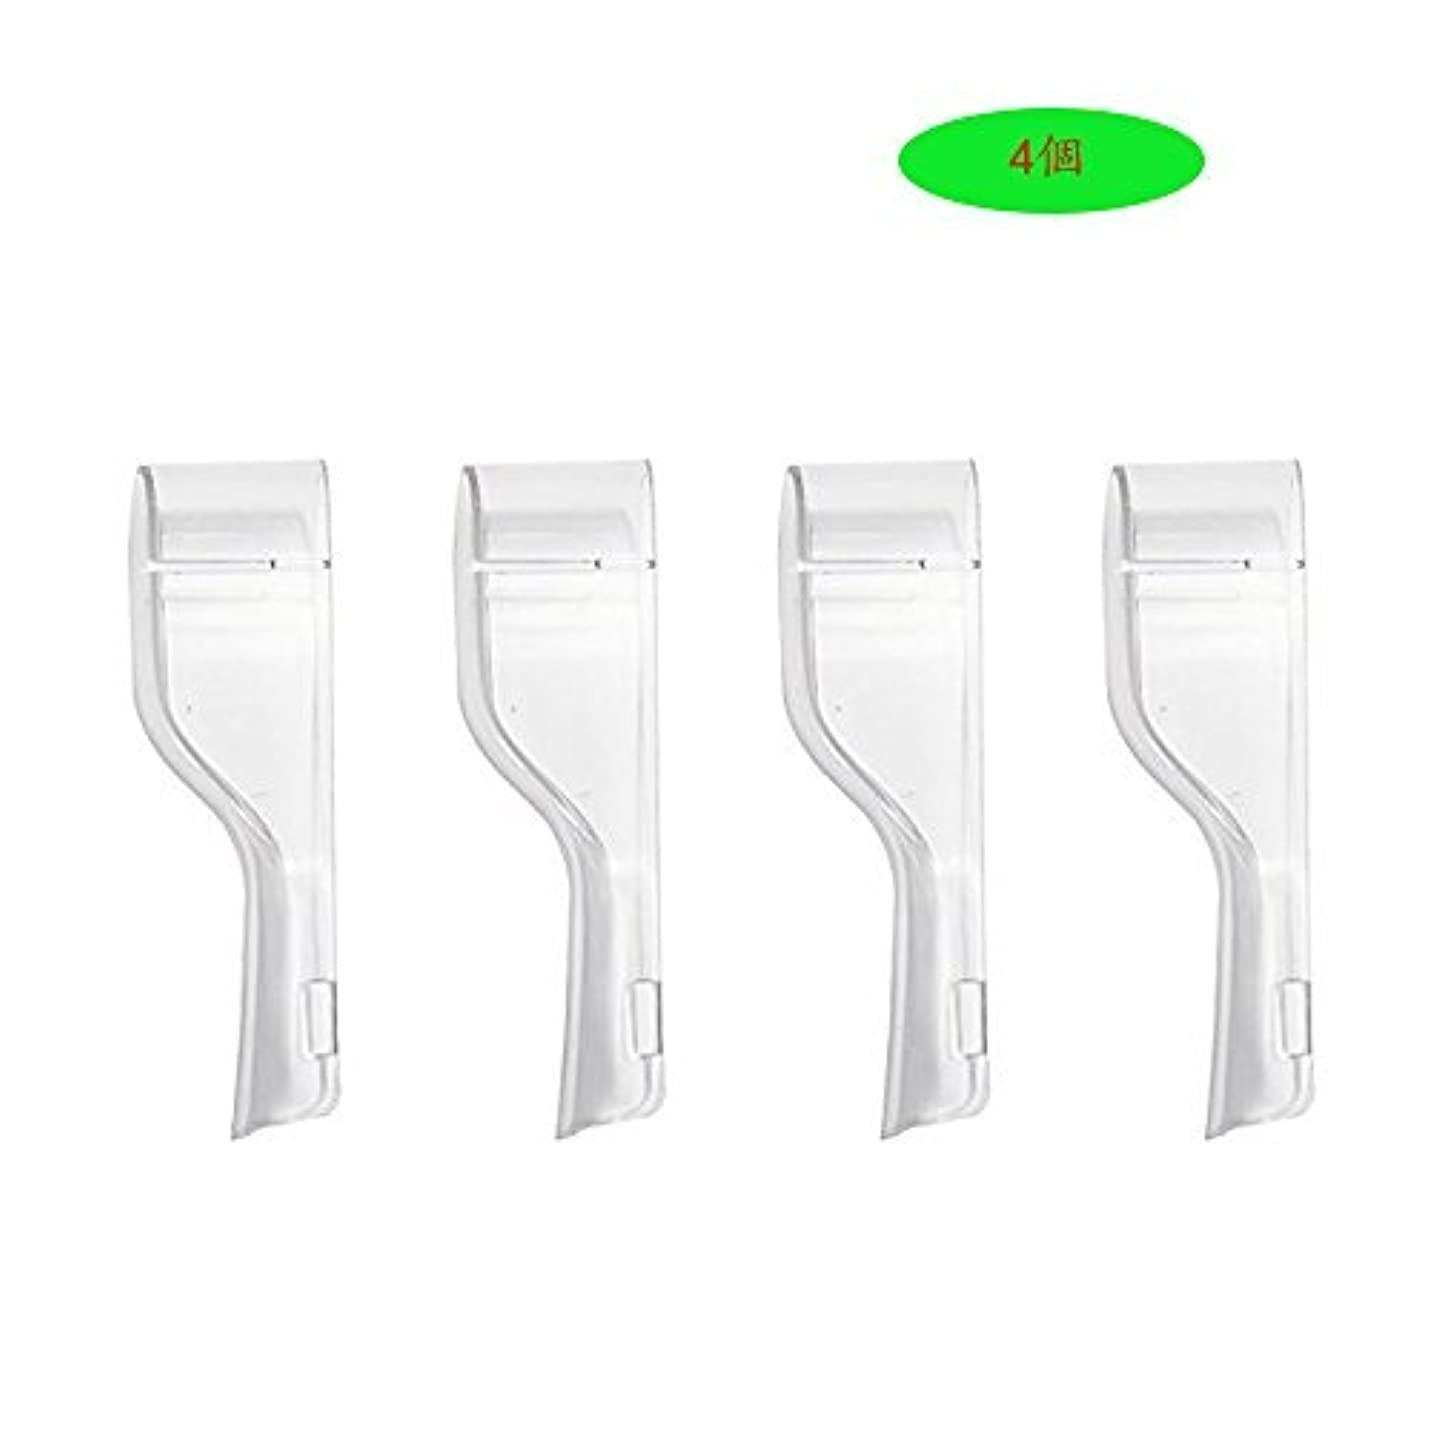 アクセス義務ブランクFor SR18 / SR32 / EB30 ブラウン オーラルB 電動歯ブラシ用 替えブラシ互換 スイングブラシ 硬い歯ブラシのヘッドキャップ保護カバー by Kadior